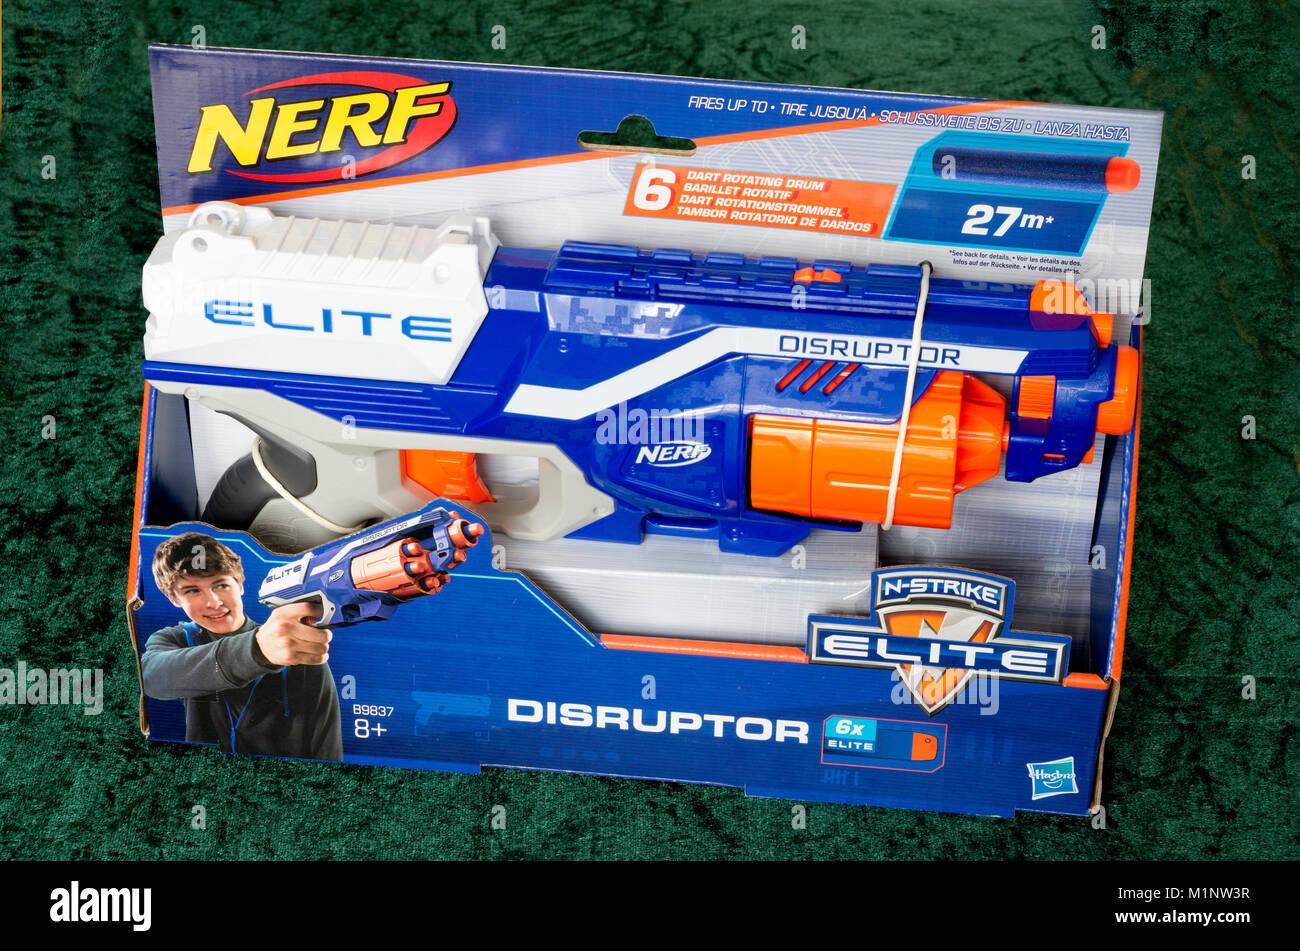 Nerf Elite Disruptor Foam Pellet Dart Toy Gun - Stock Image